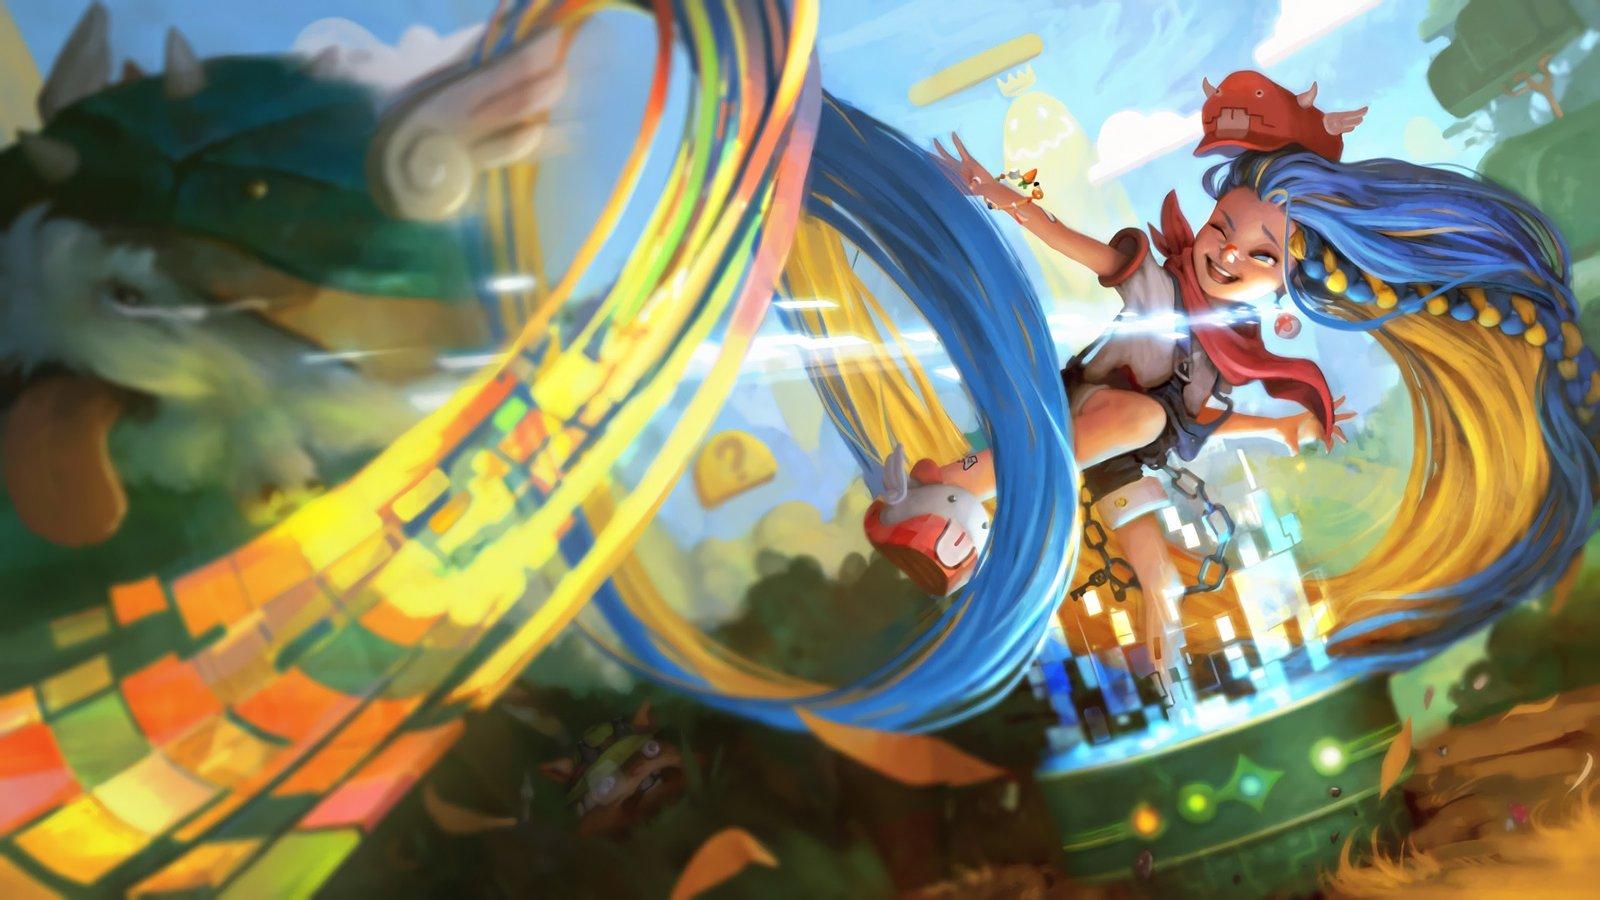 Arcade Zoe Wallpapers Fan Arts League Of Legends Lol Stats